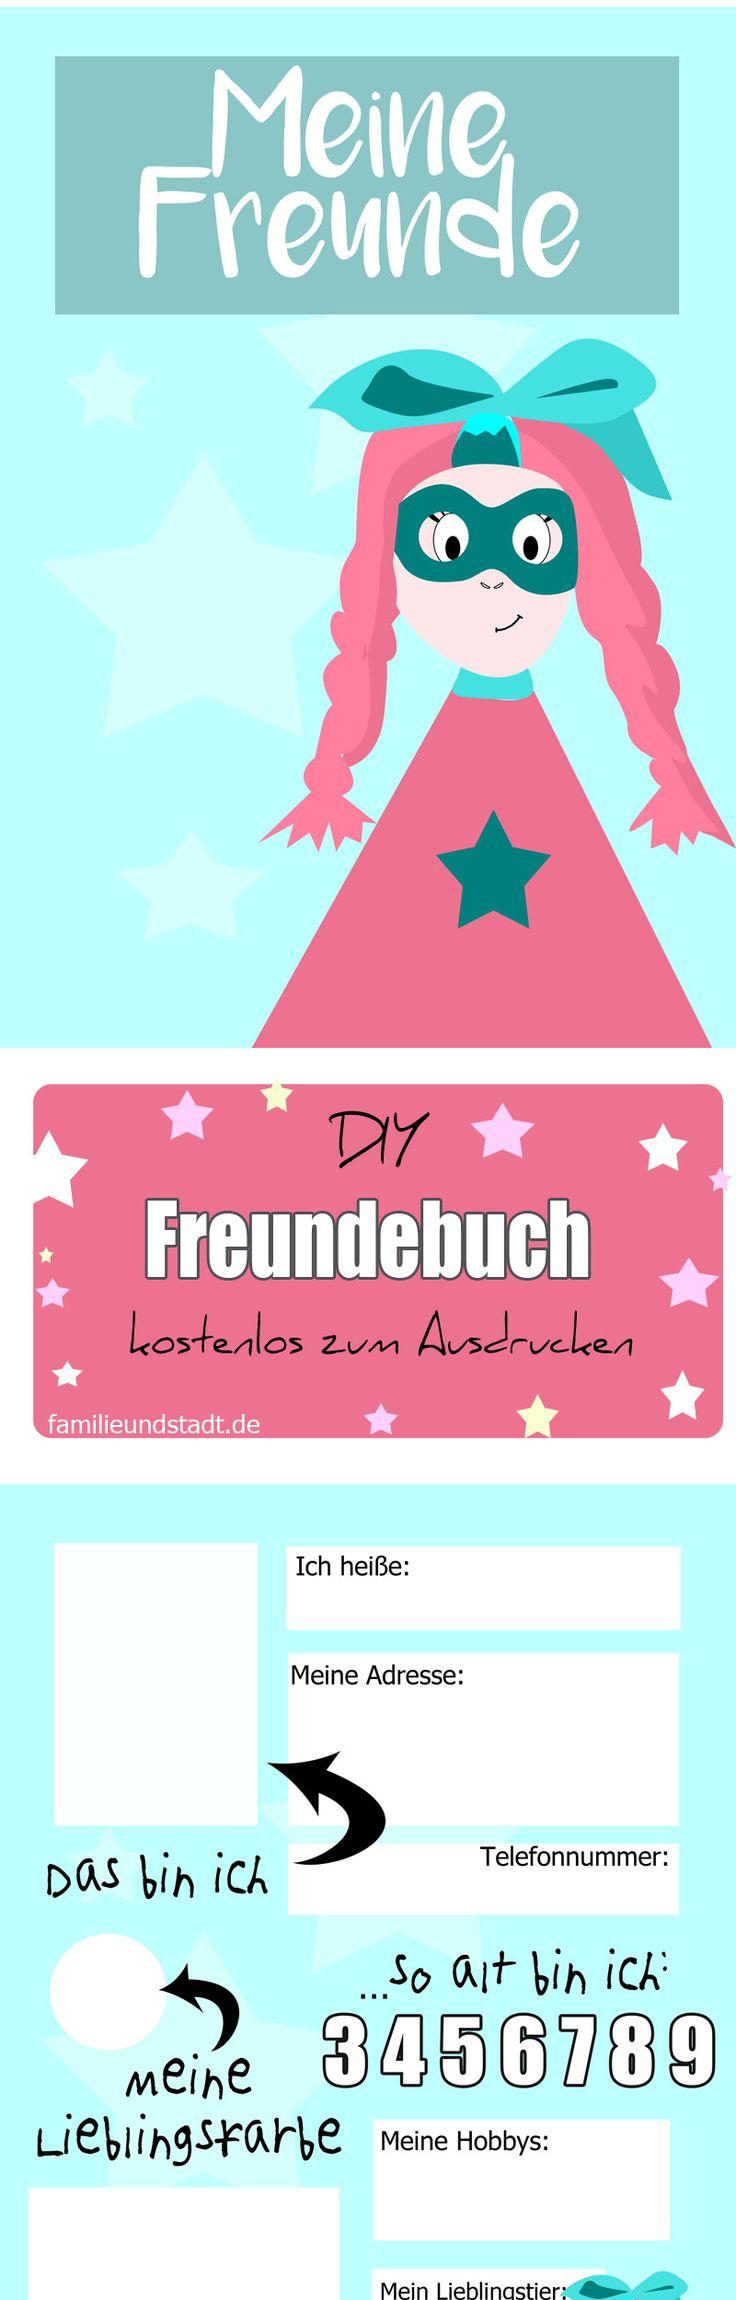 Freebie Freundebuch Vorlage Zum Ausdrucken Für Kindergarten Und Schule,  Druckvorlagen Für Kinder Kostenlos